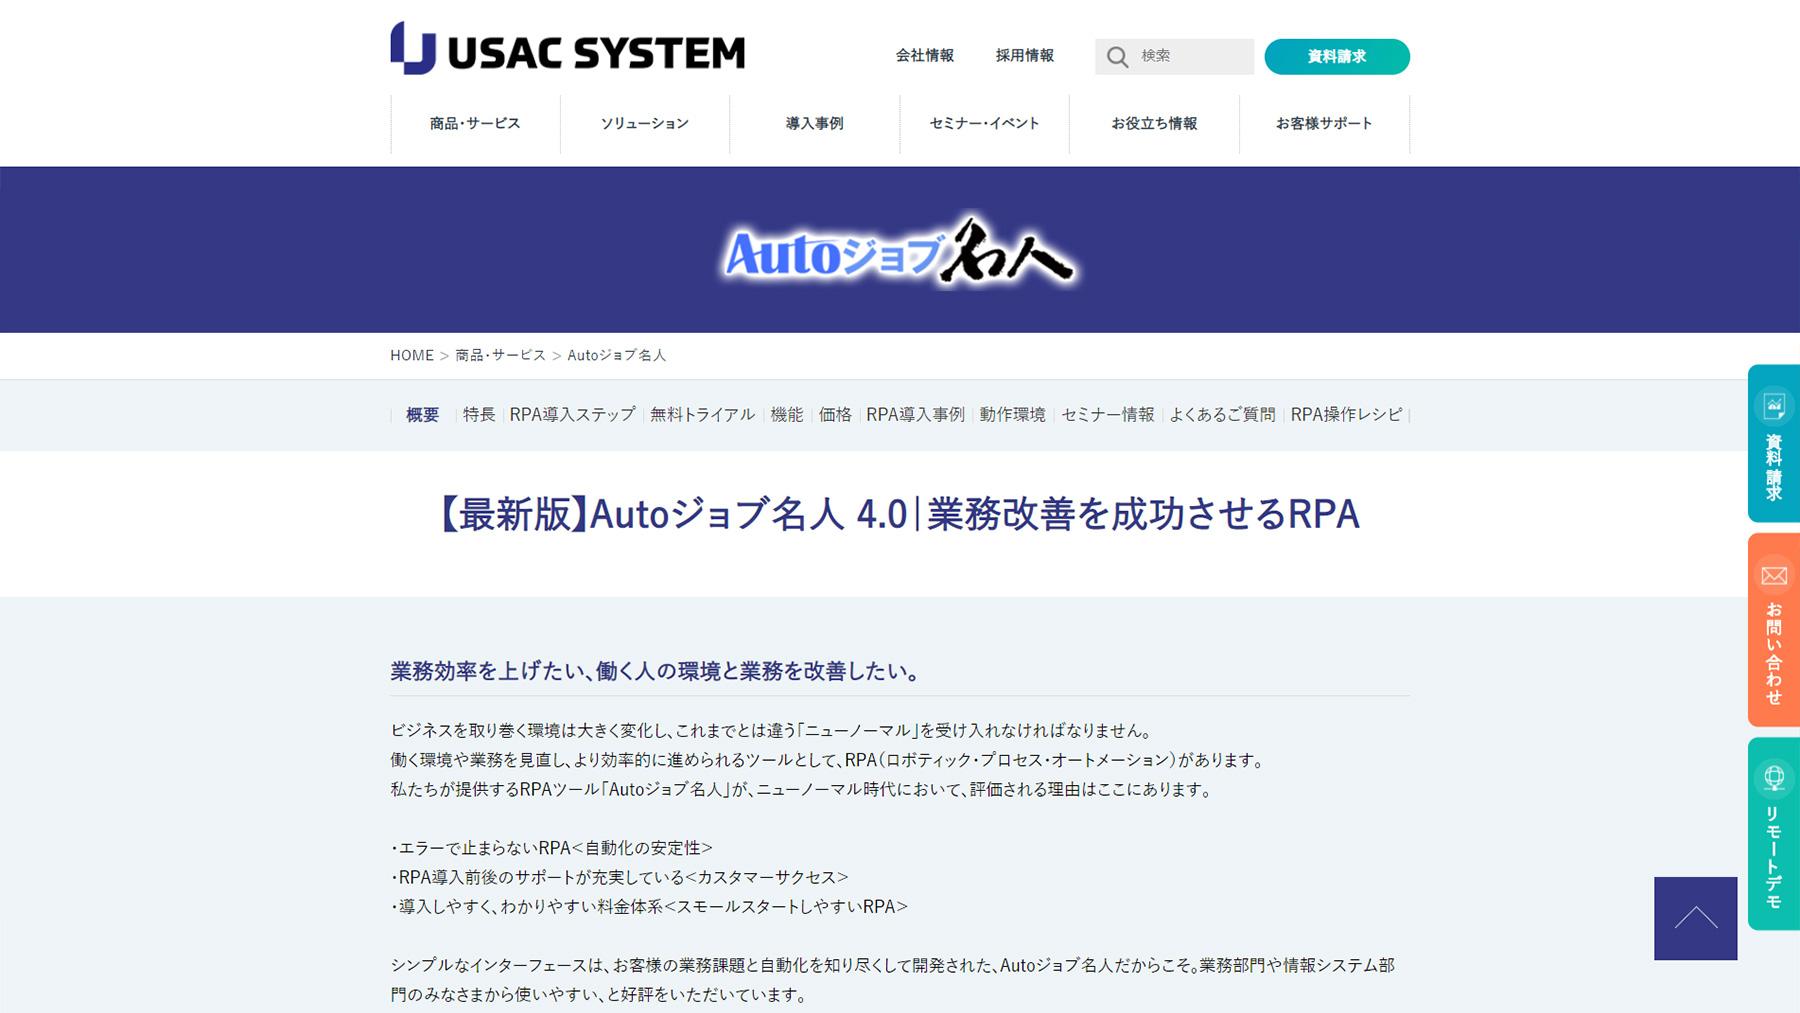 AUTOジョブ名人公式Webサイト